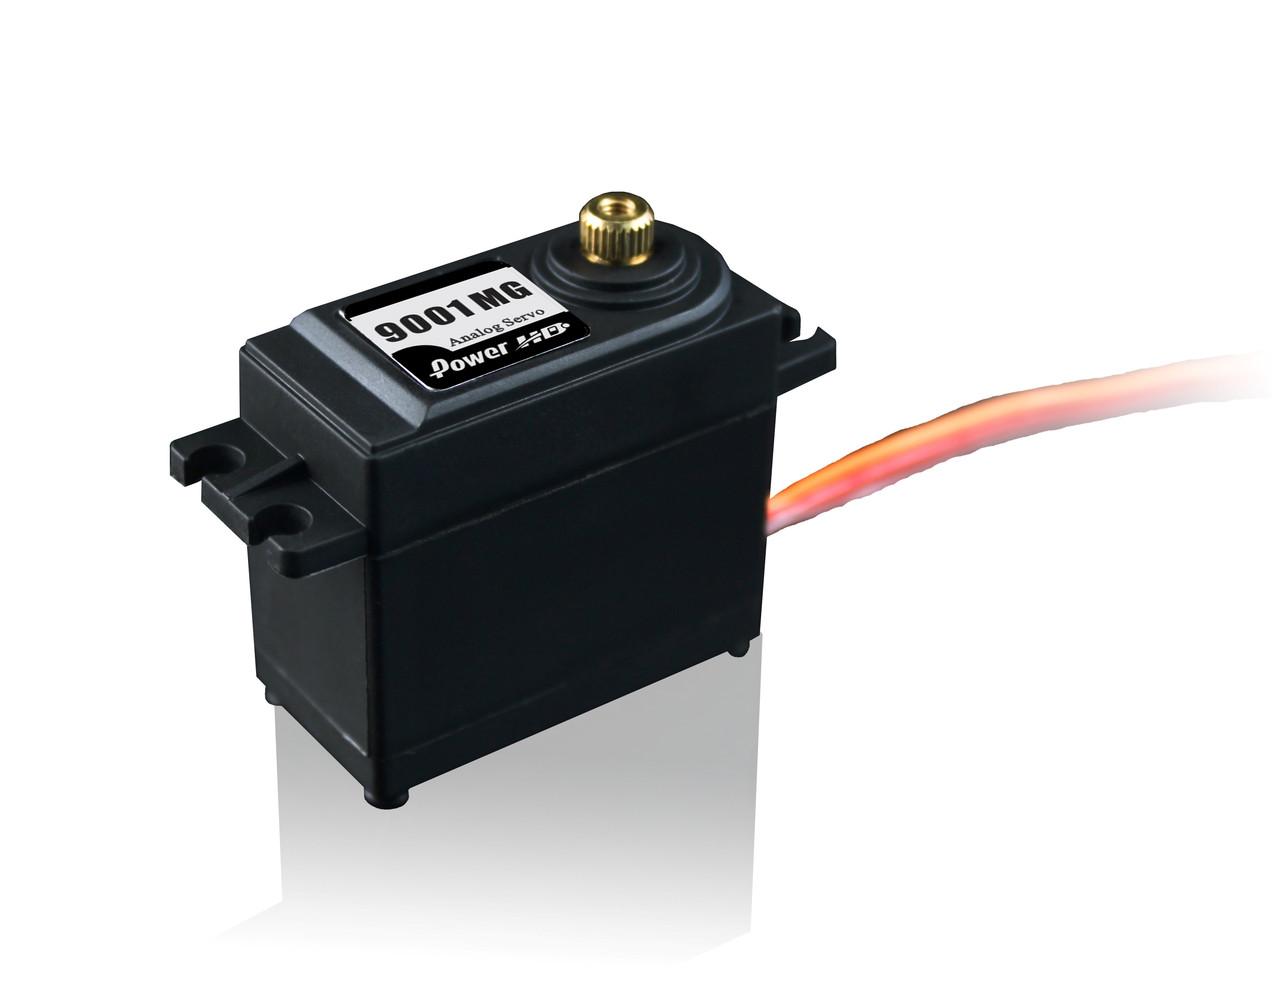 Сервопривід стандарт 56г Power HD 9001MG 8.6 кг/0.16 сек